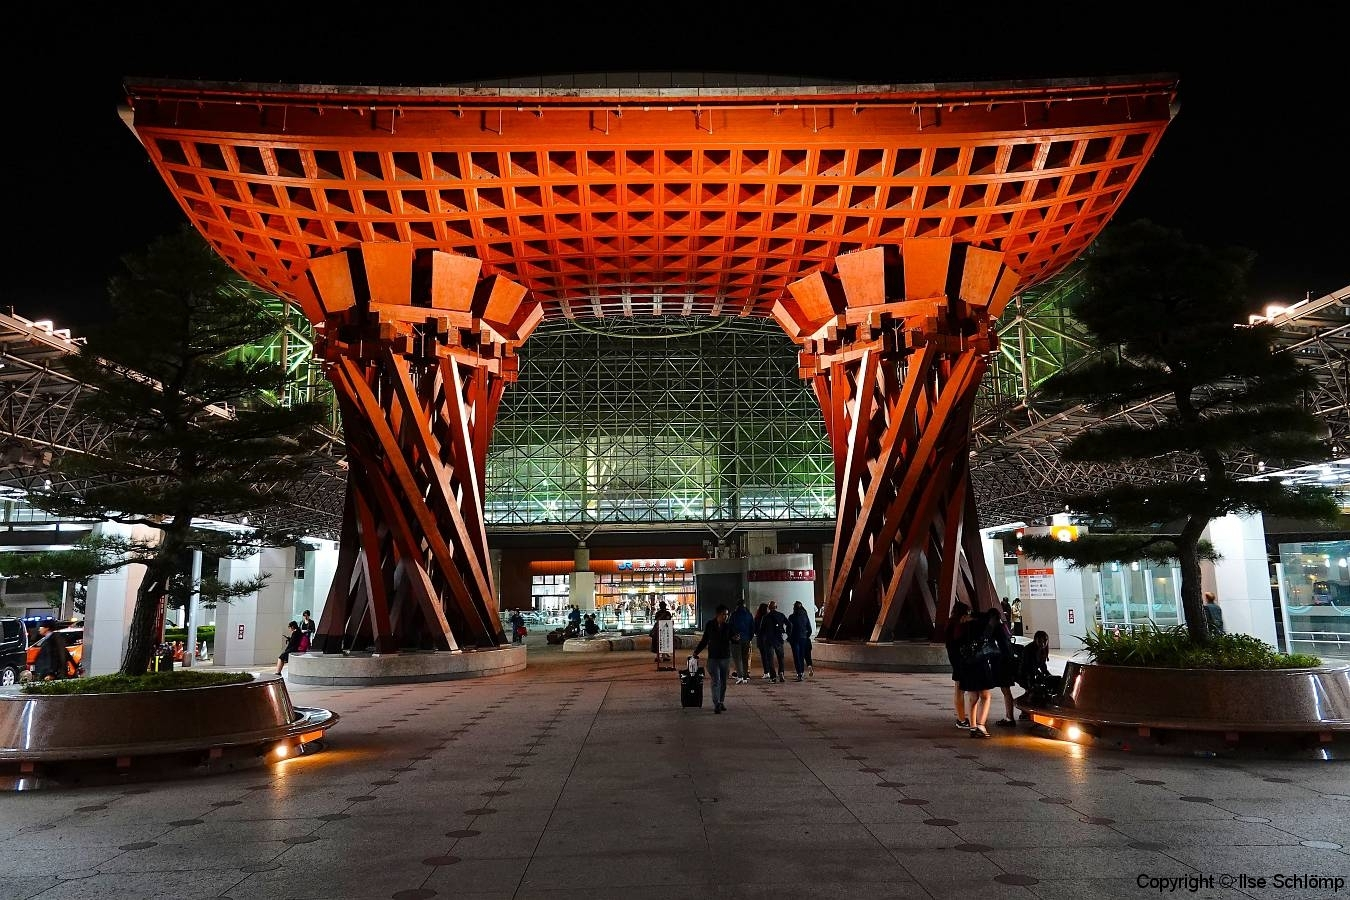 Japan, Kanazawa, Bahnhof